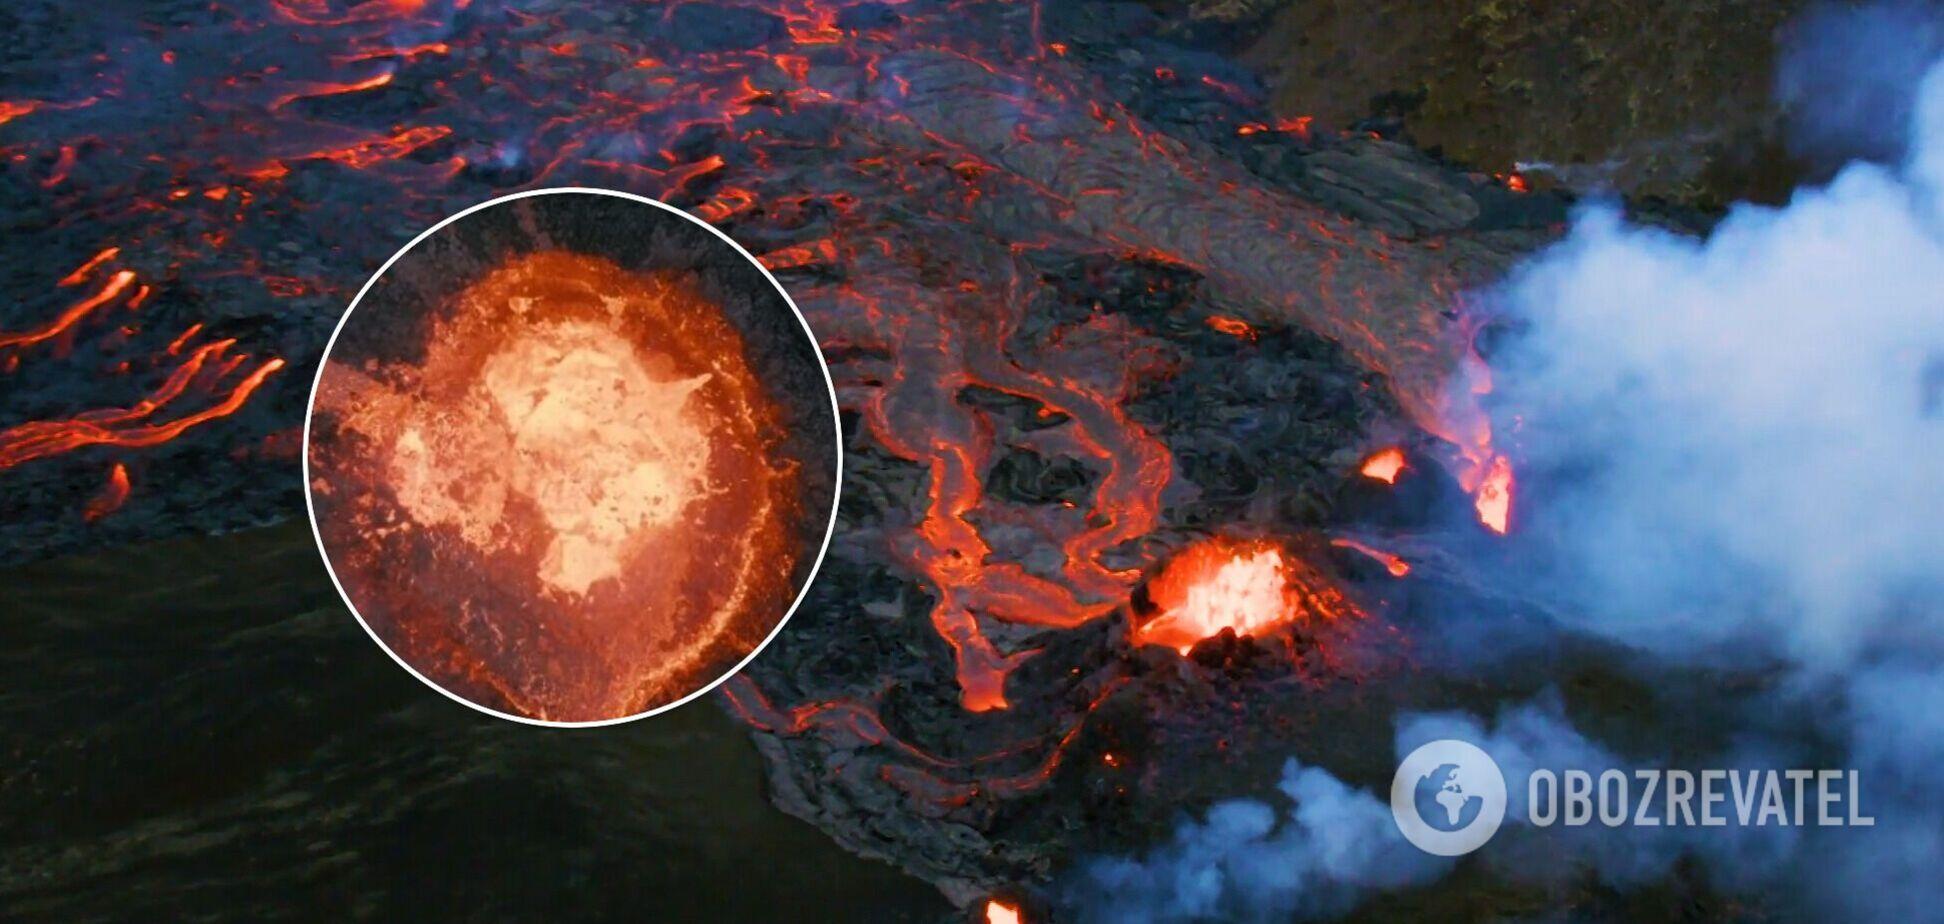 Фотограф в Исландии расплавил свой дрон, чтобы снять извержение вулкана максимально близко. Видео